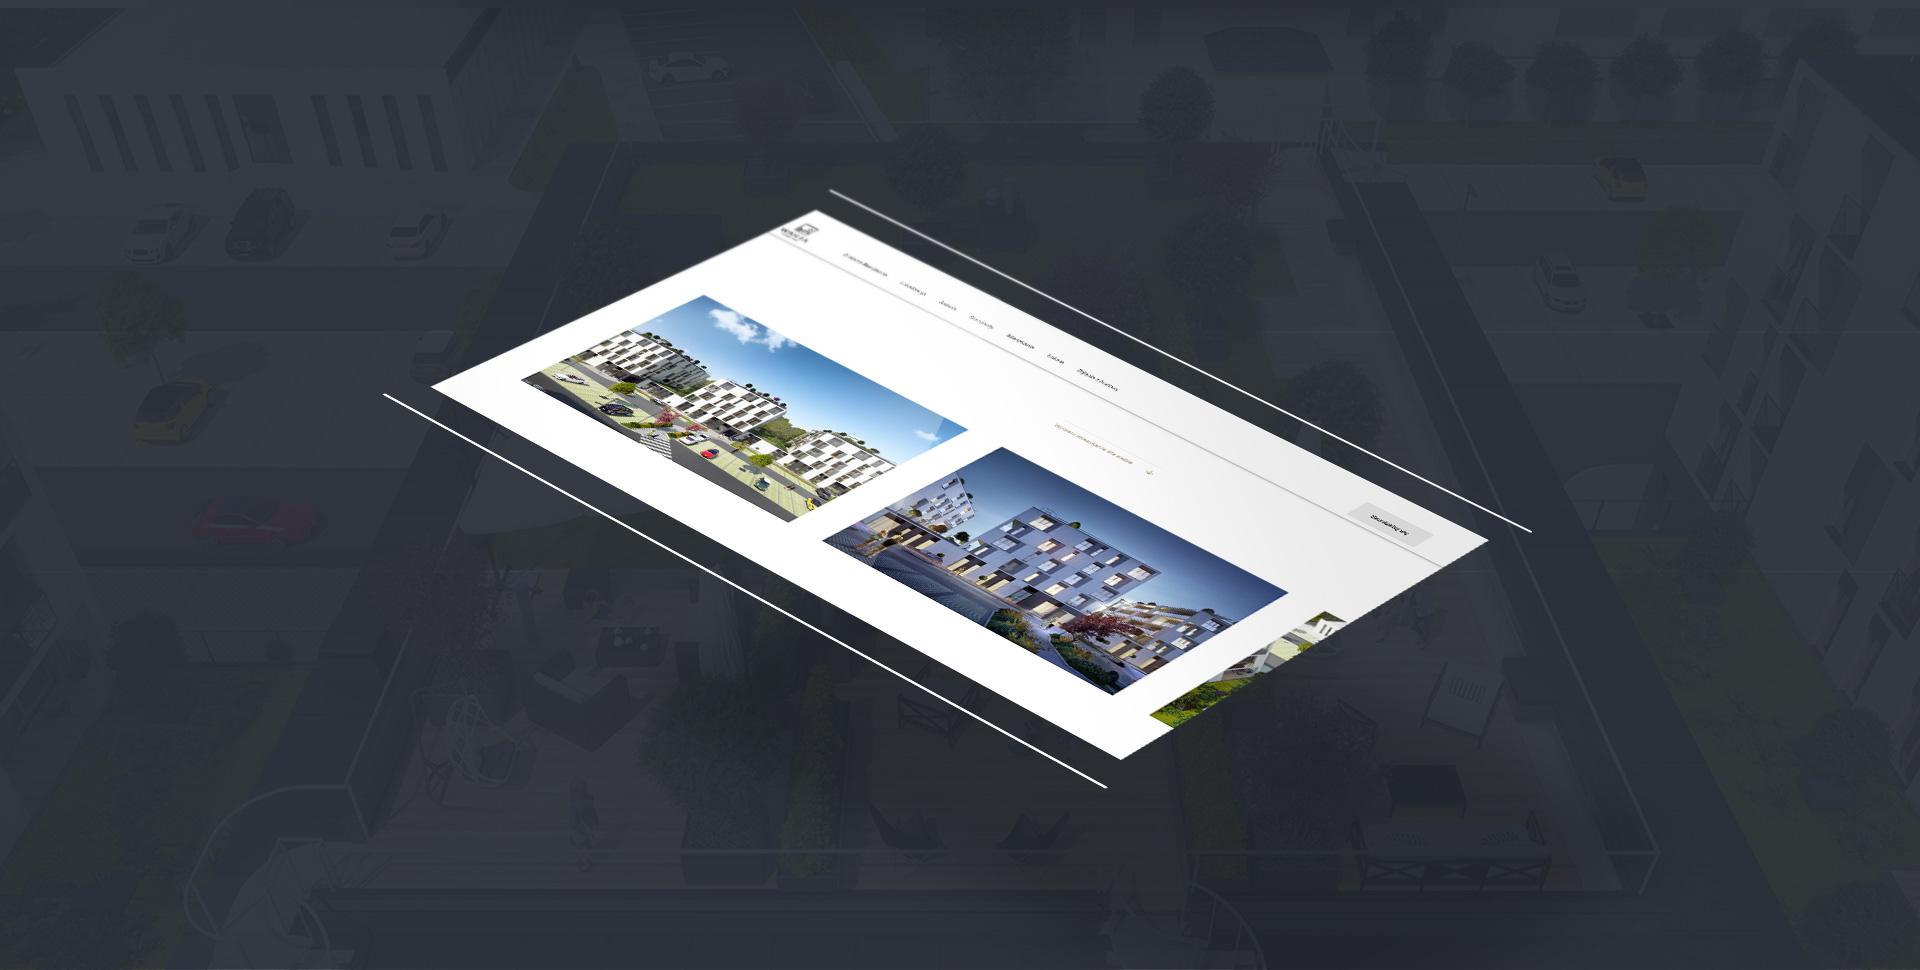 projektowanie stron internetowych poznań warta residence